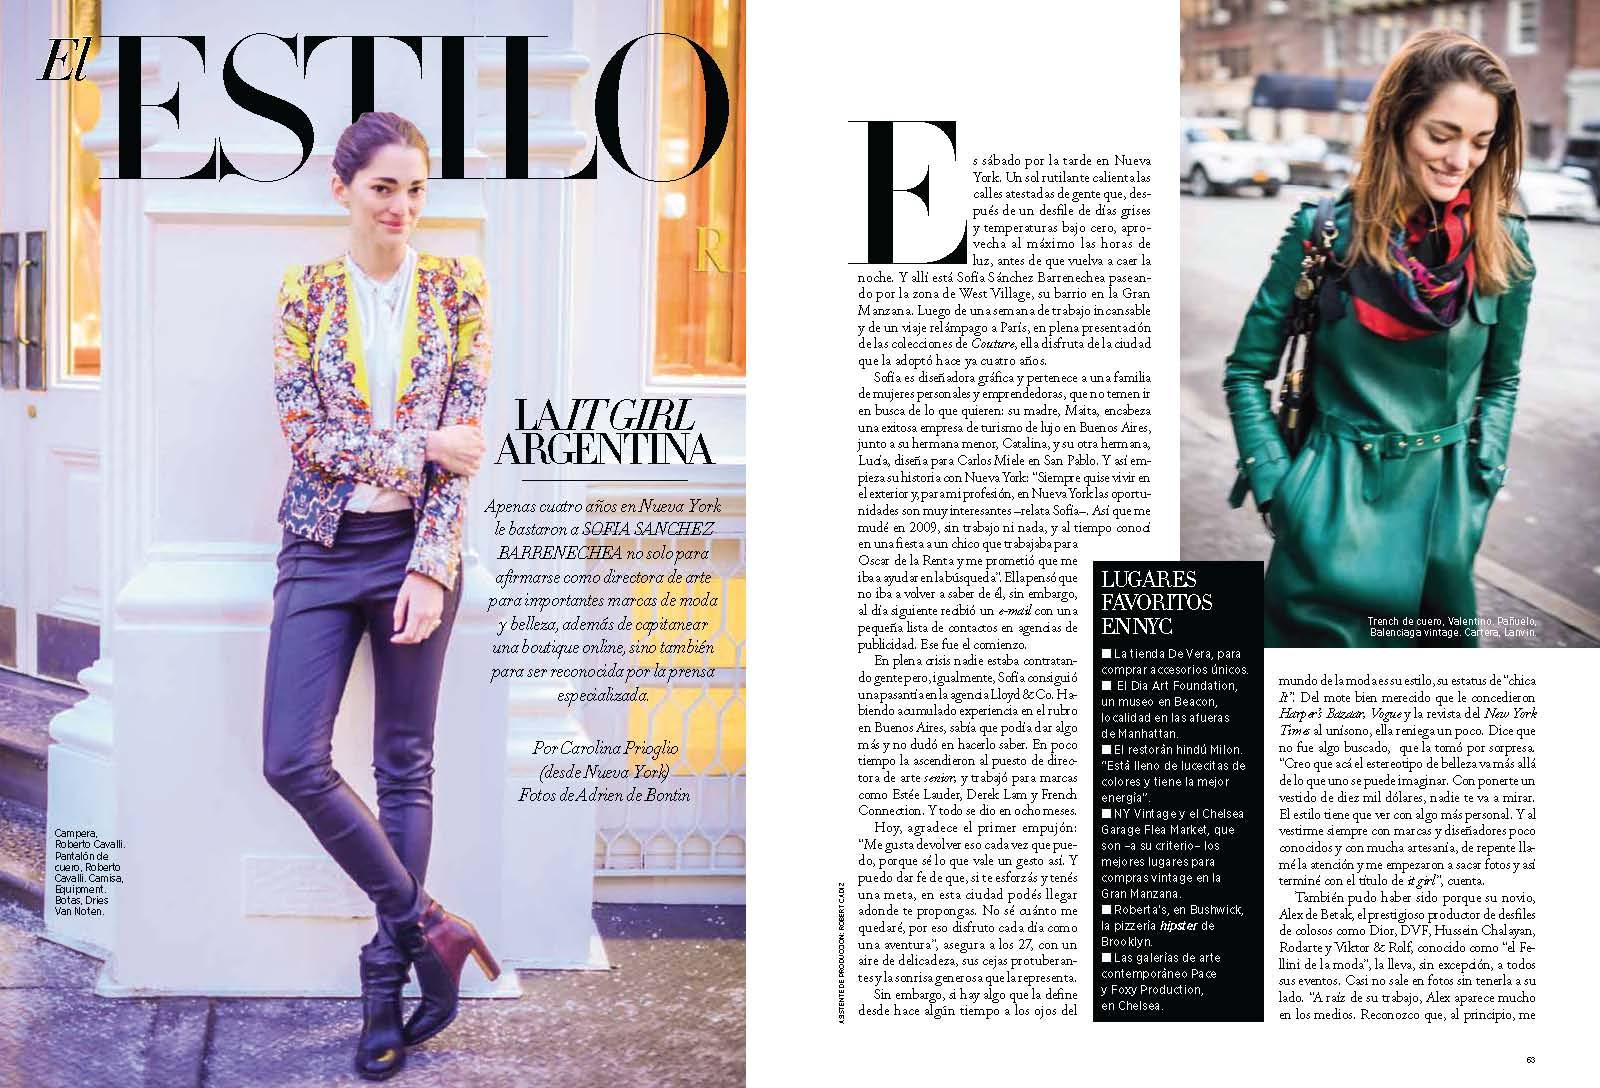 El estilo - Sofia Sanchez Barrenechea - HBZ Arg. Abril '13_Page_1.jpg